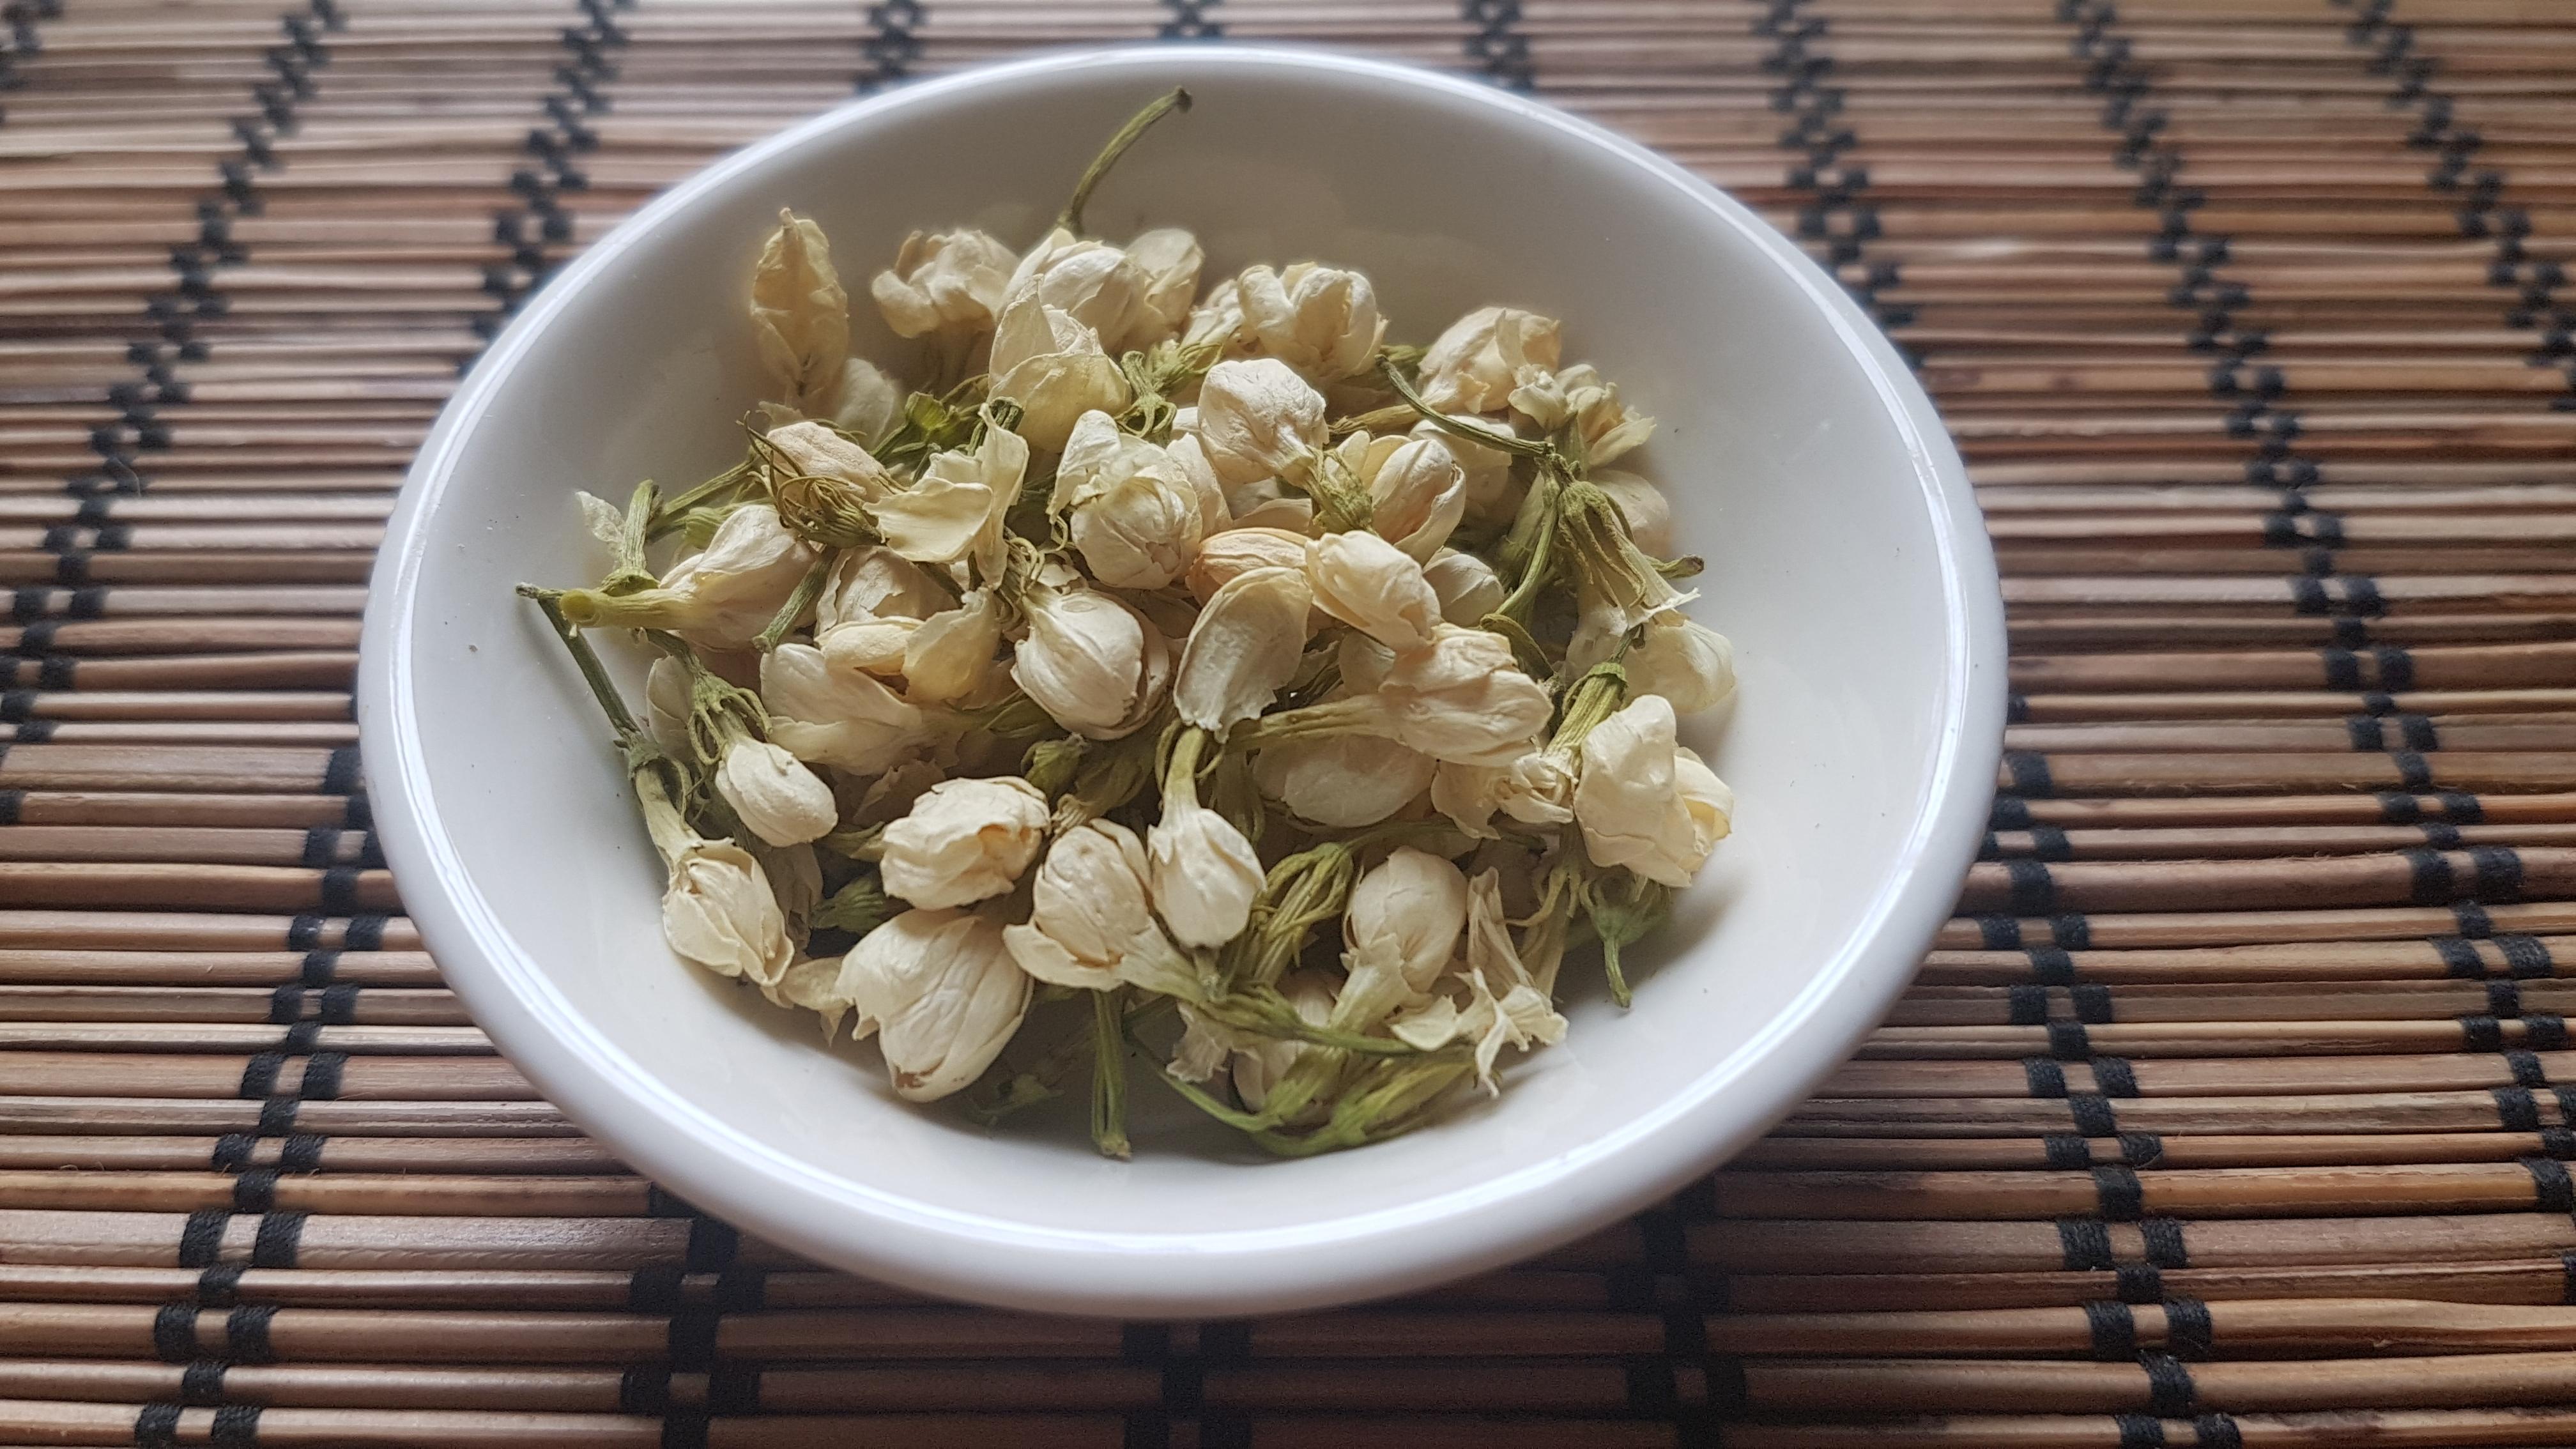 Floral Teas Of China Tea House Emporium